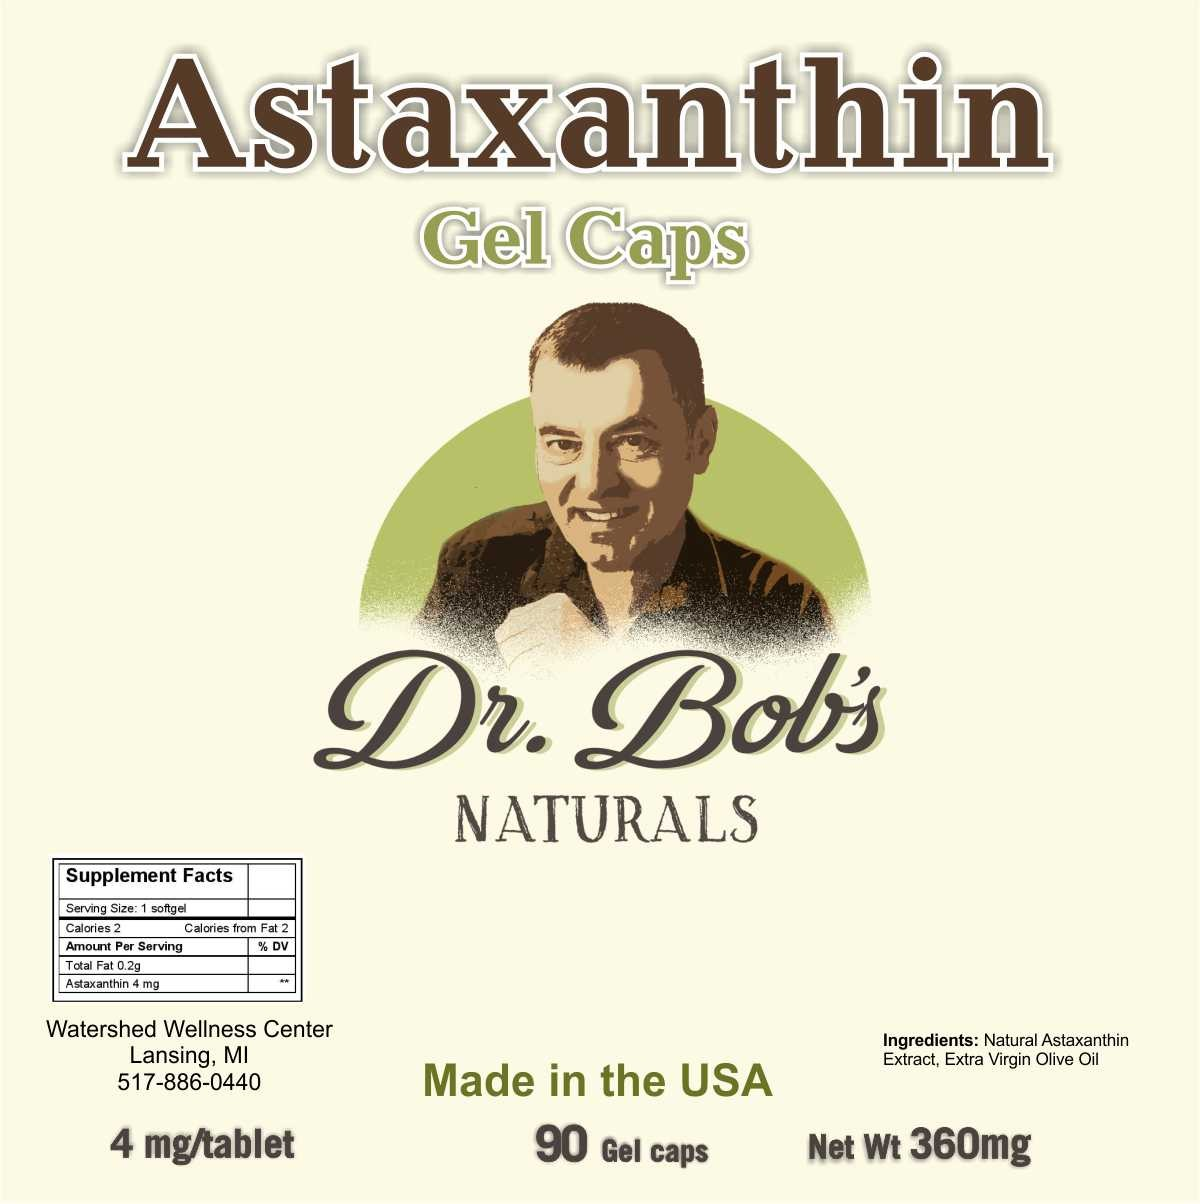 Astaxanthin Gel Caps